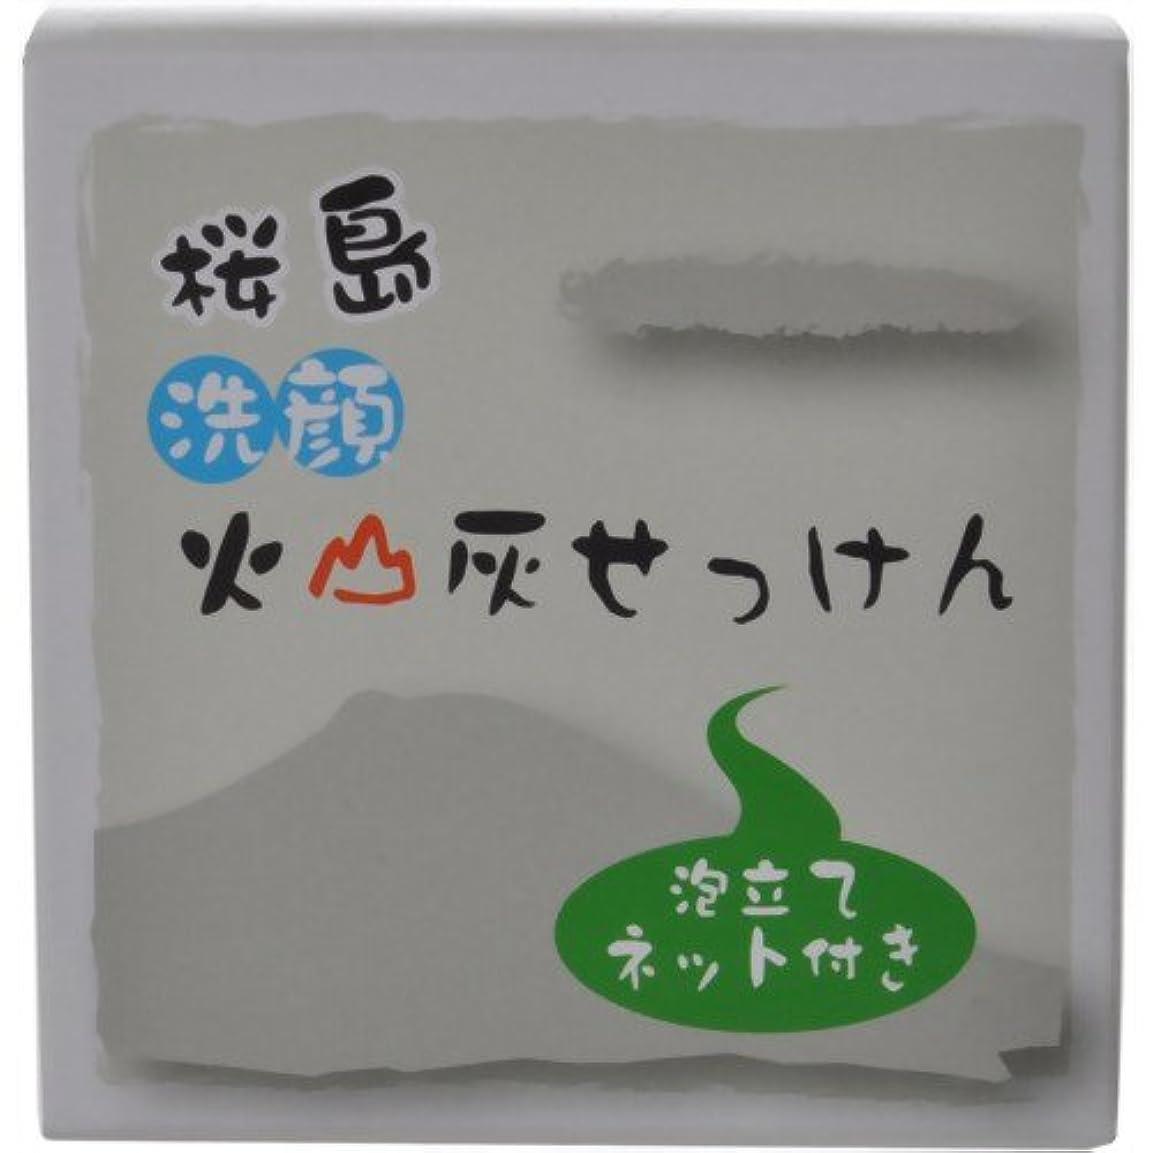 薬理学銀行ブラザー桜島火山灰洗顔せっけん 80g